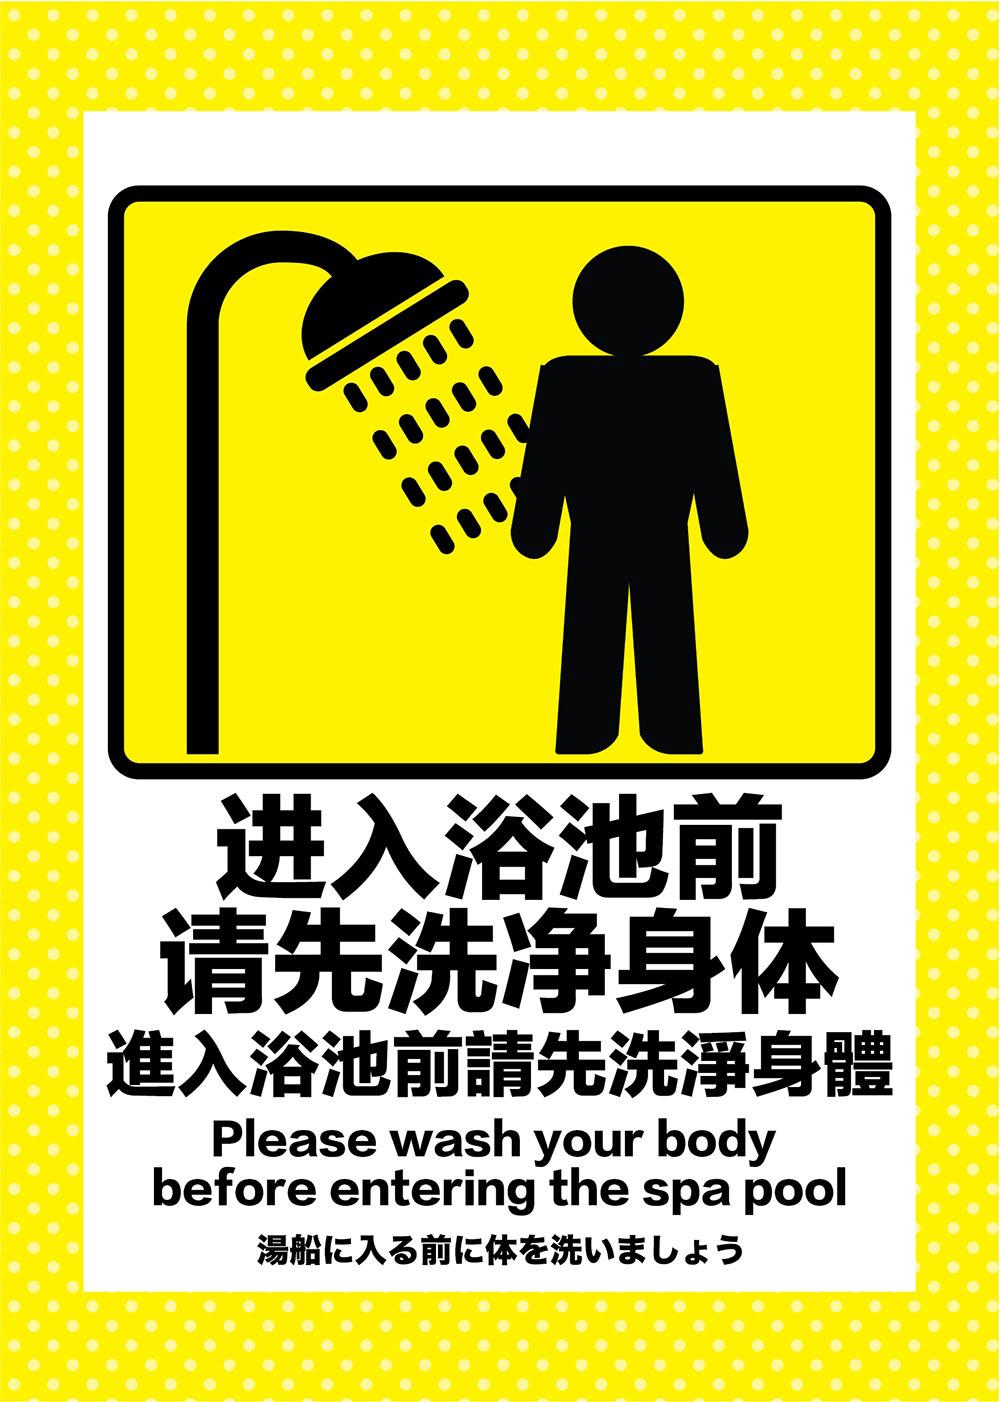 水着での入浴はご遠慮ください